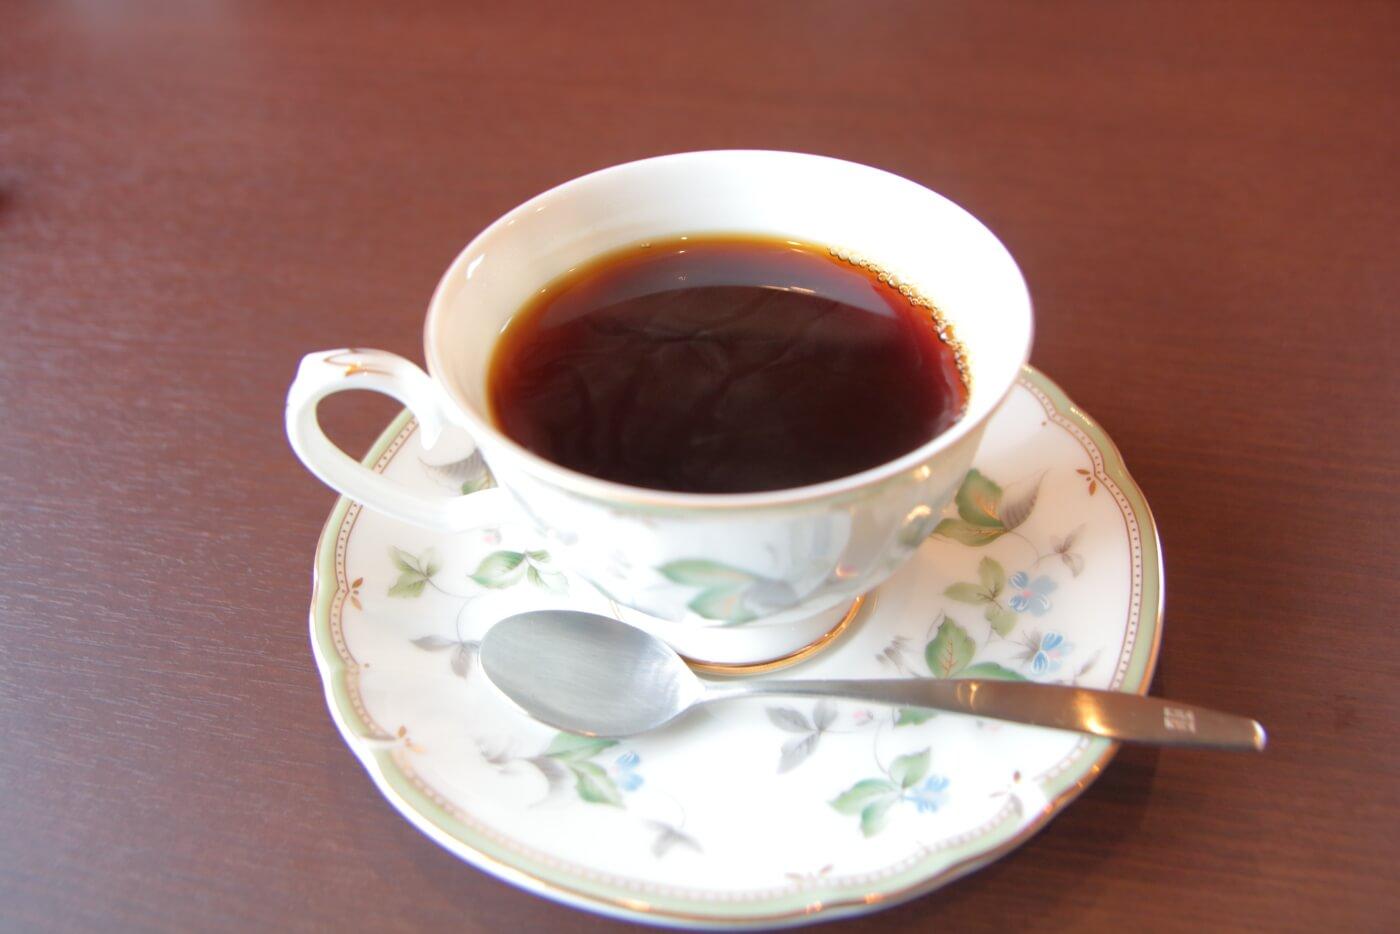 ヴェッセルのランチ 食後のホットコーヒー